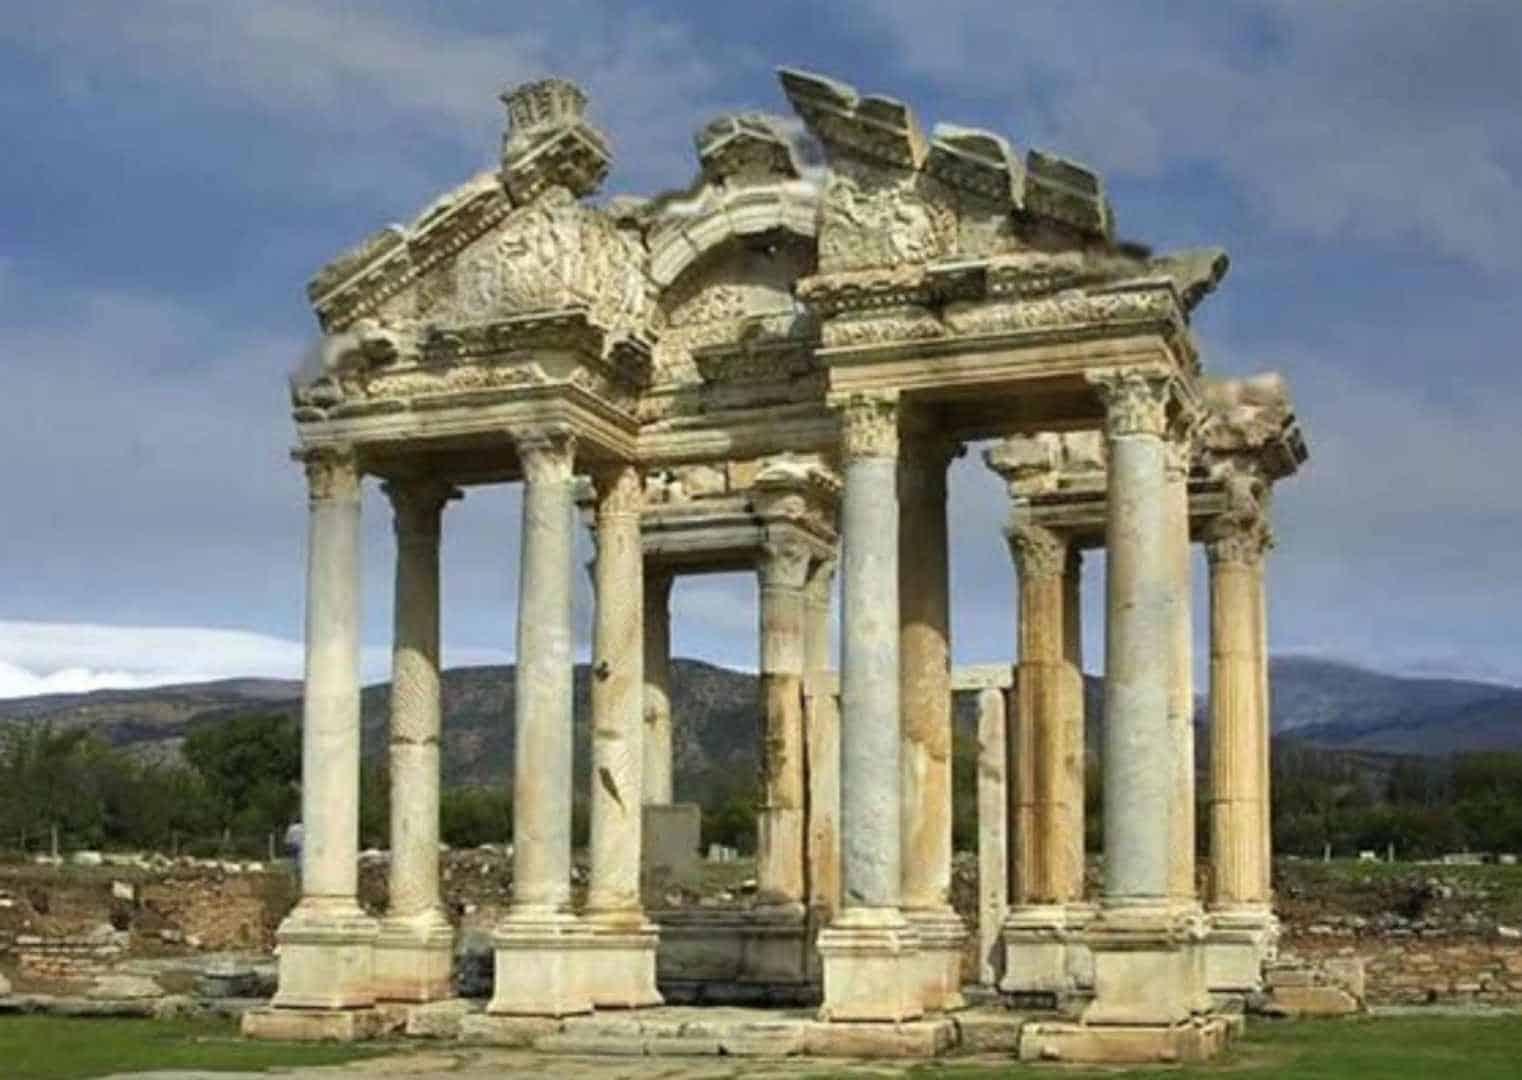 מקדש אפרודיטה, קורינתוס, יוון